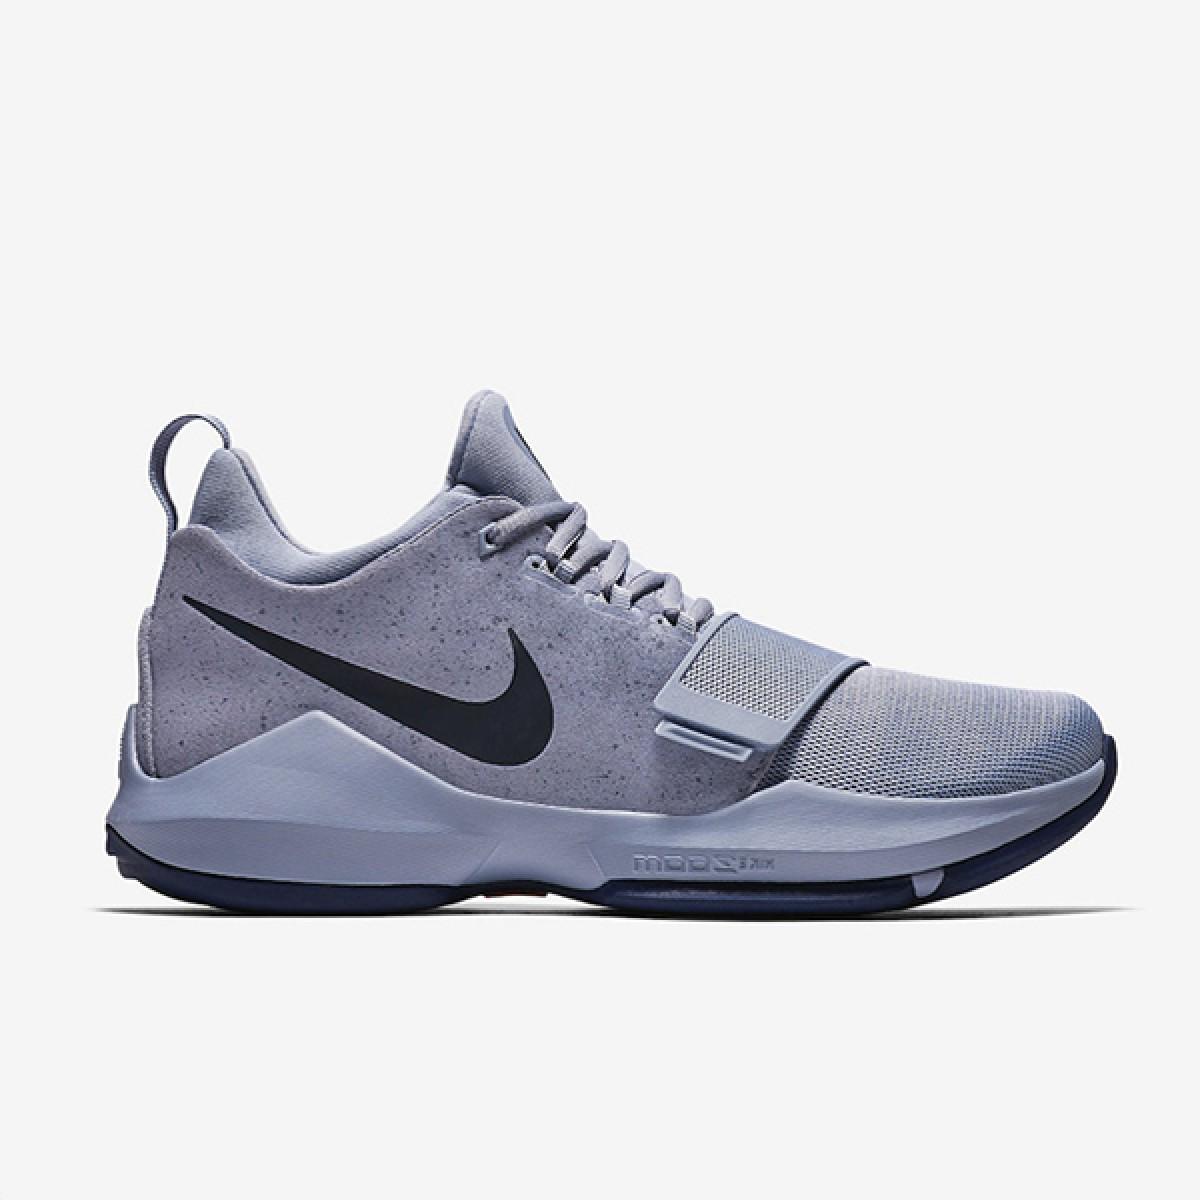 Nike PG 1 GS 'Glacier Grey'